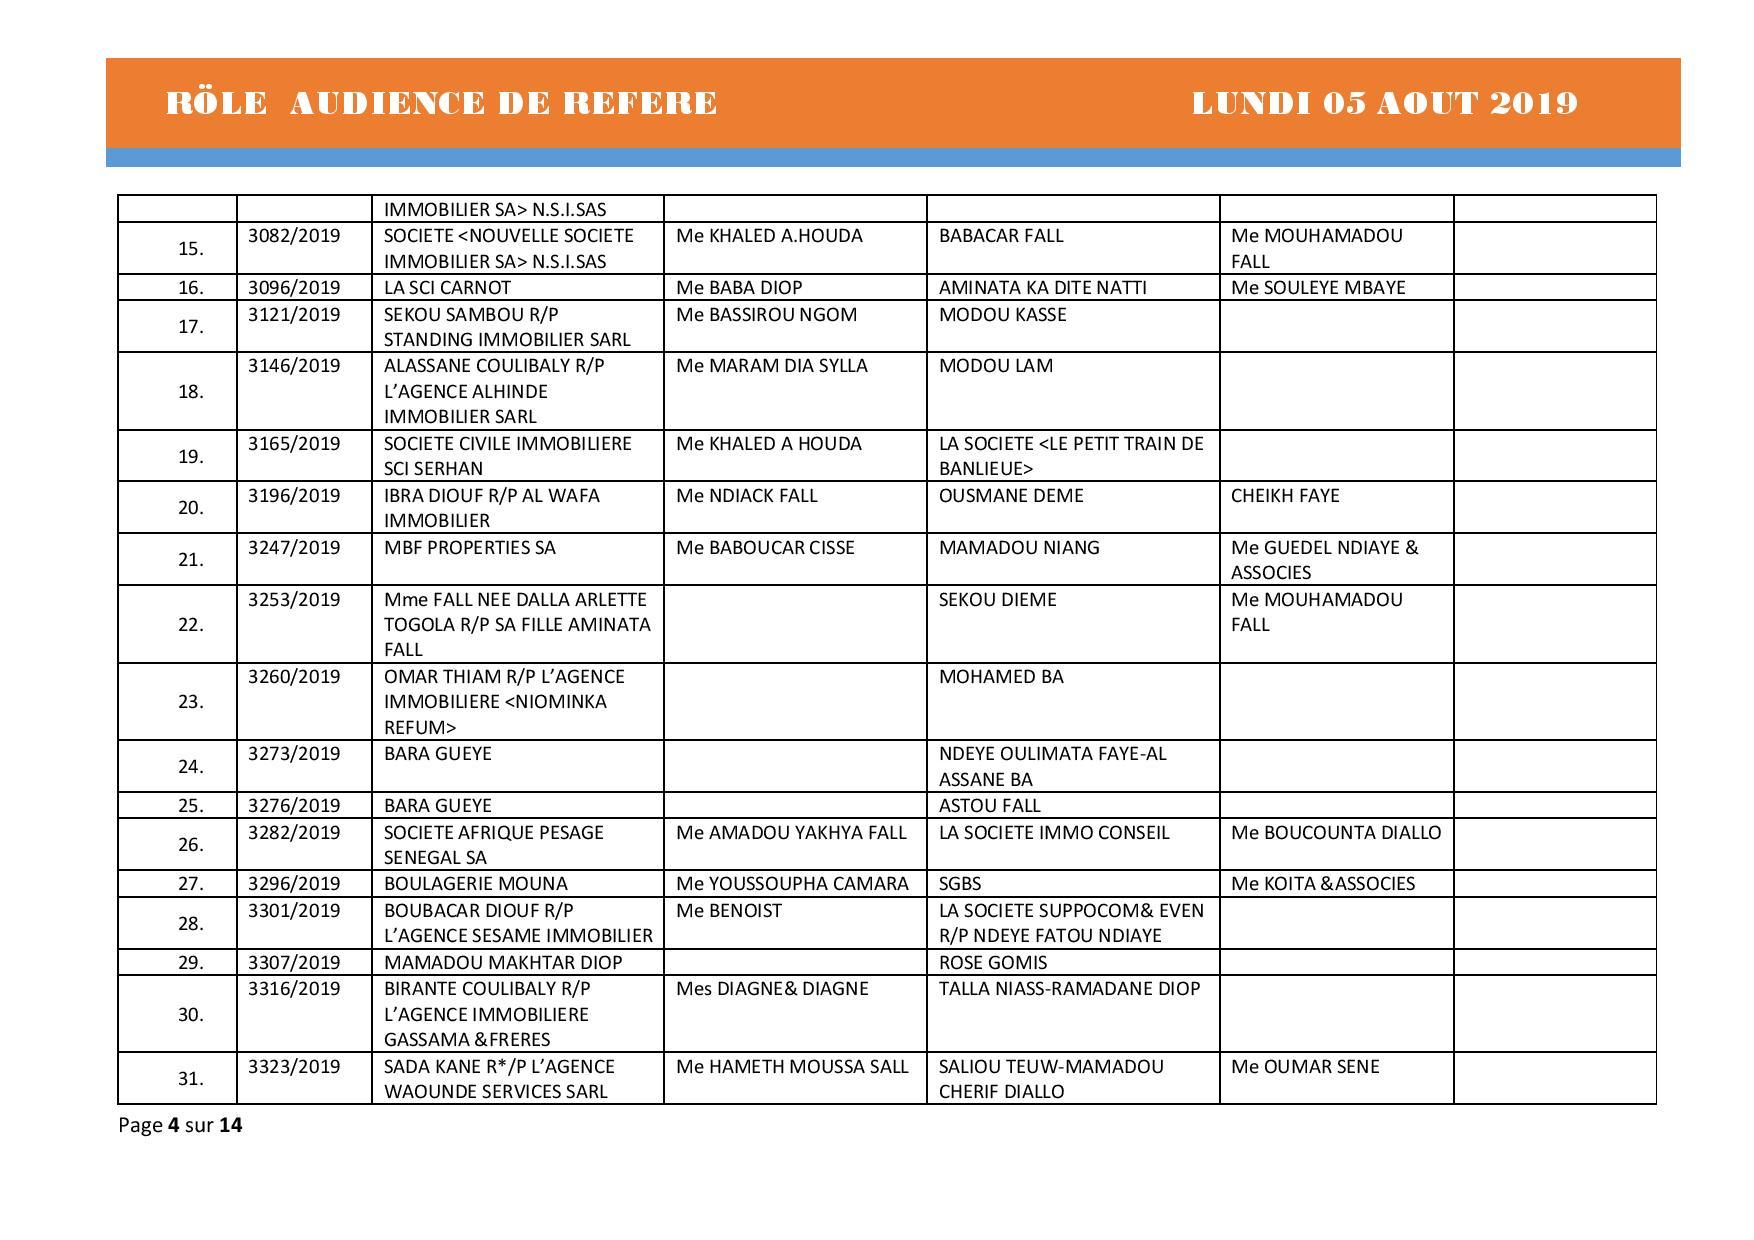 Tribunal du Commerce: Audiences des Référés de ce lundi 5 août 2019